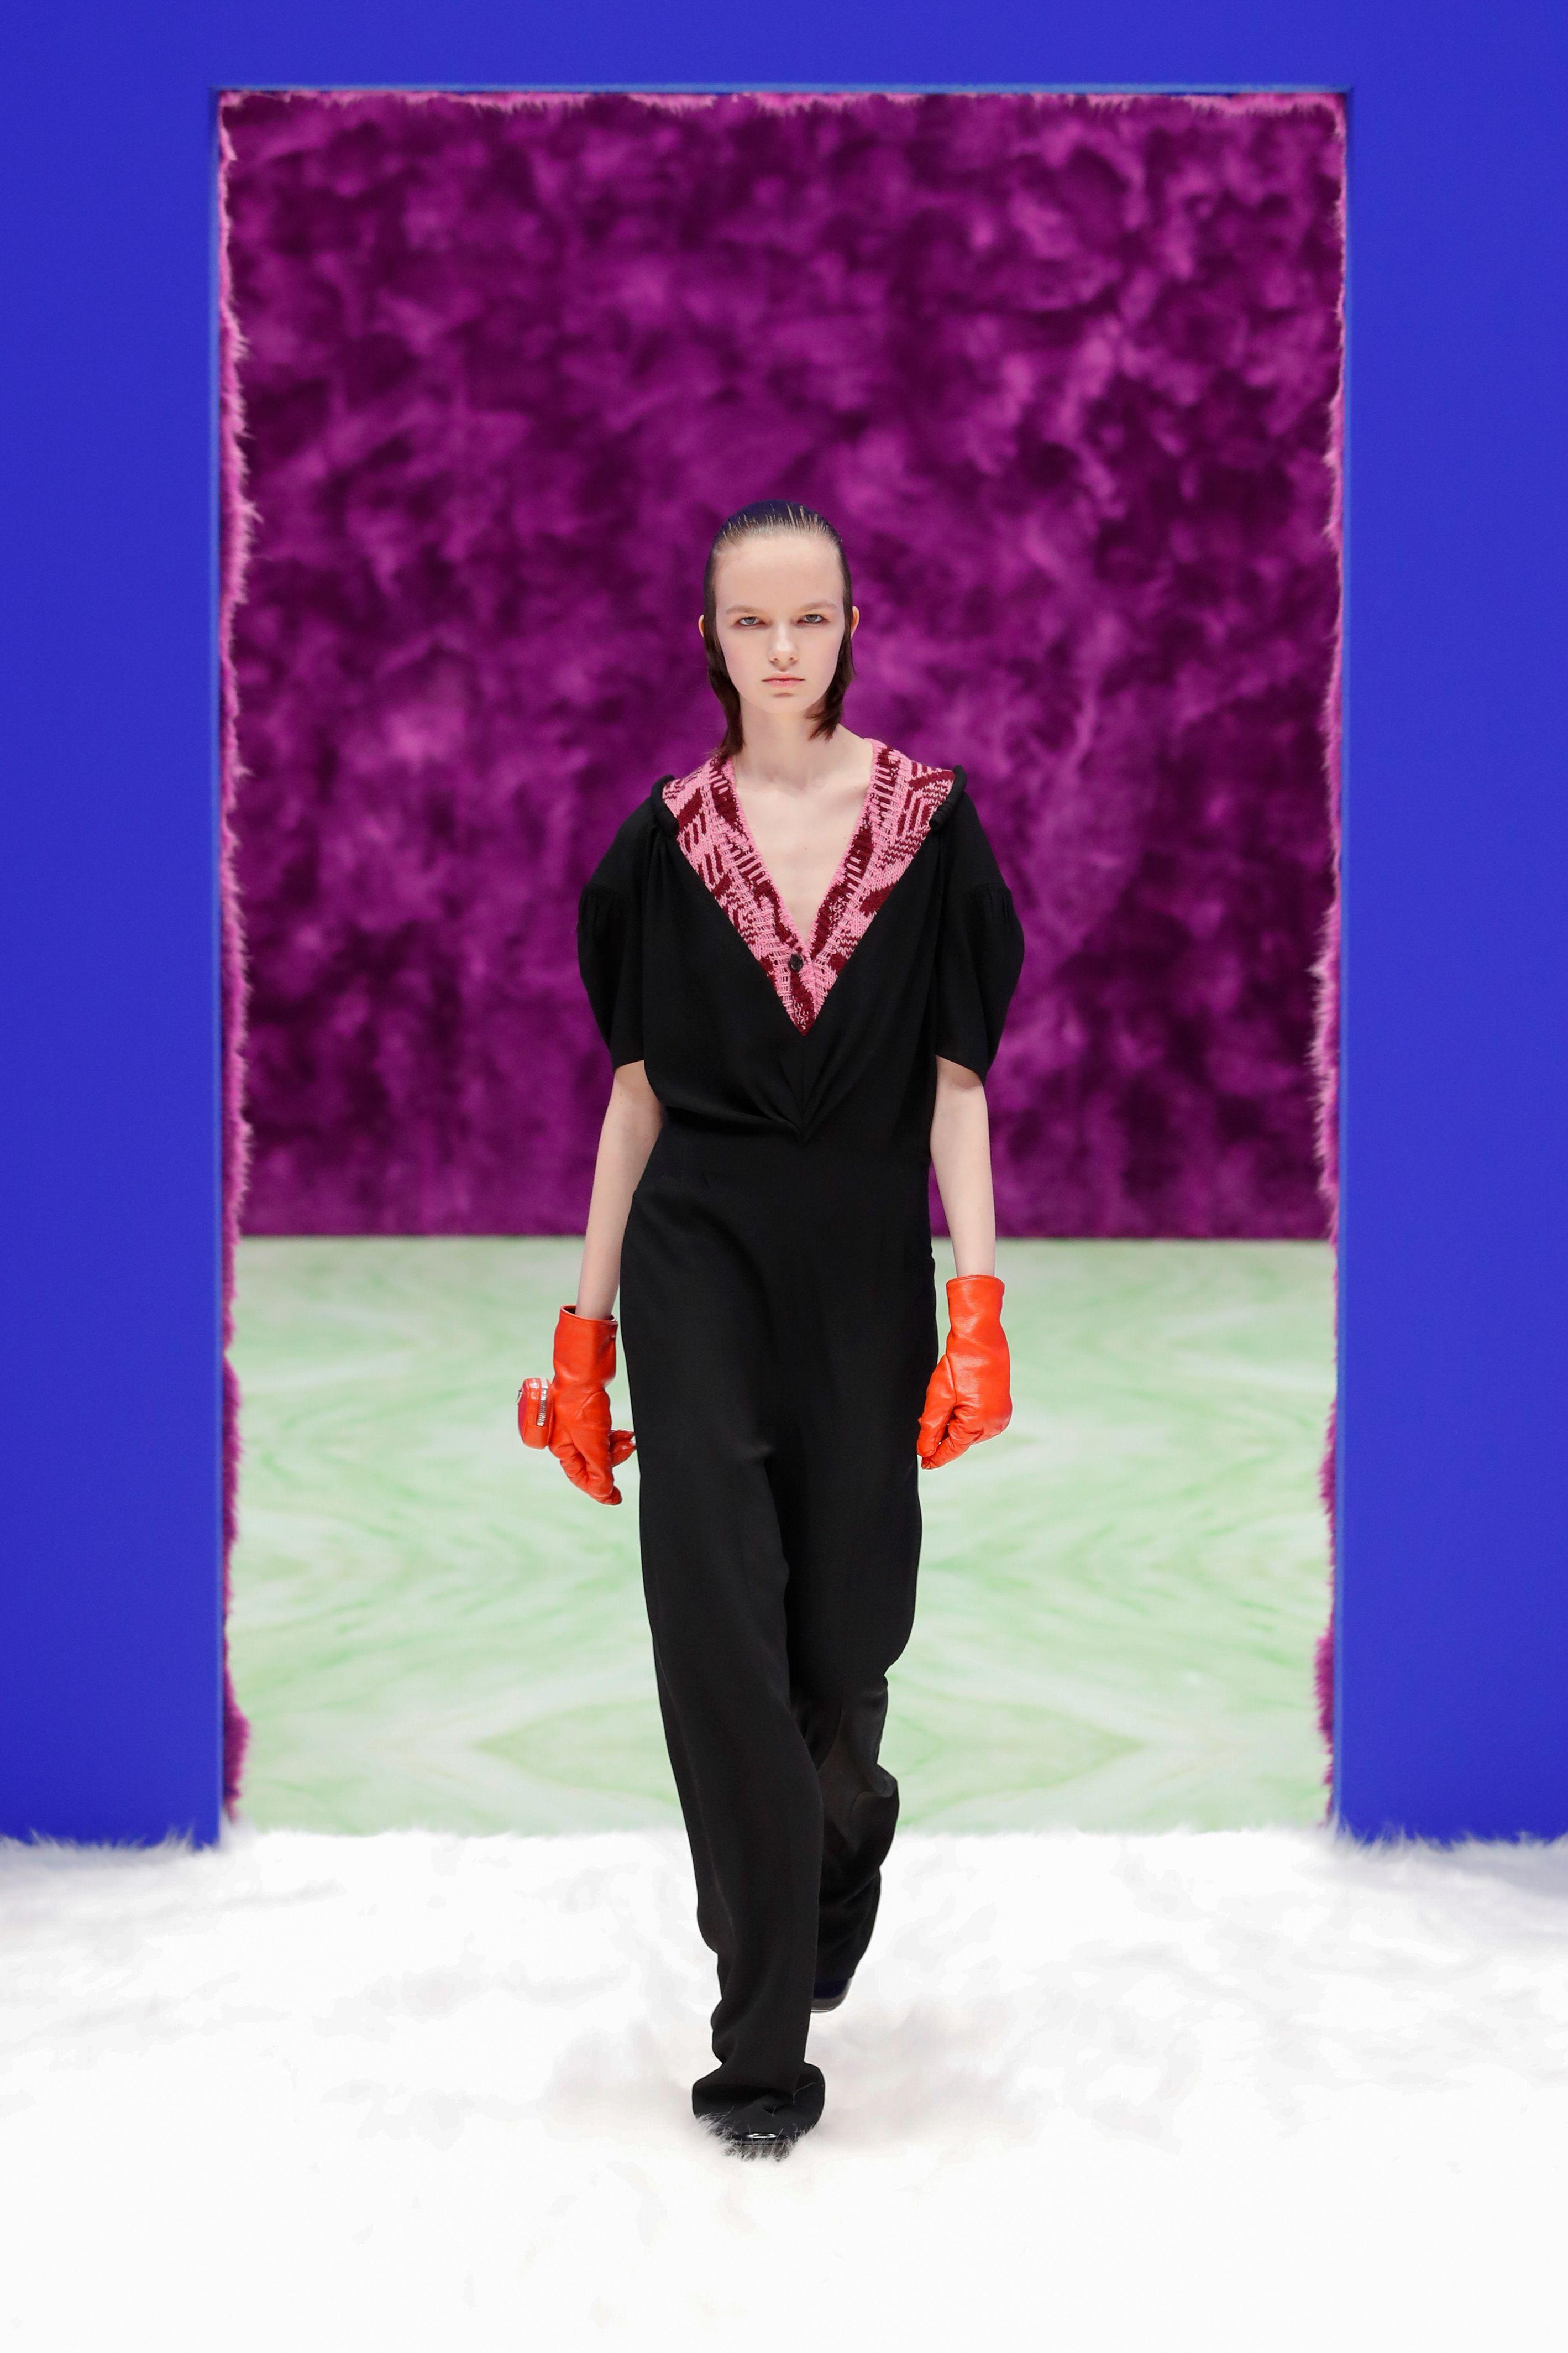 Una elegante monoprenda negra superpuesta con sweater tejido bicolor en rosa y rojo, otro de los looks protagonista de Prada